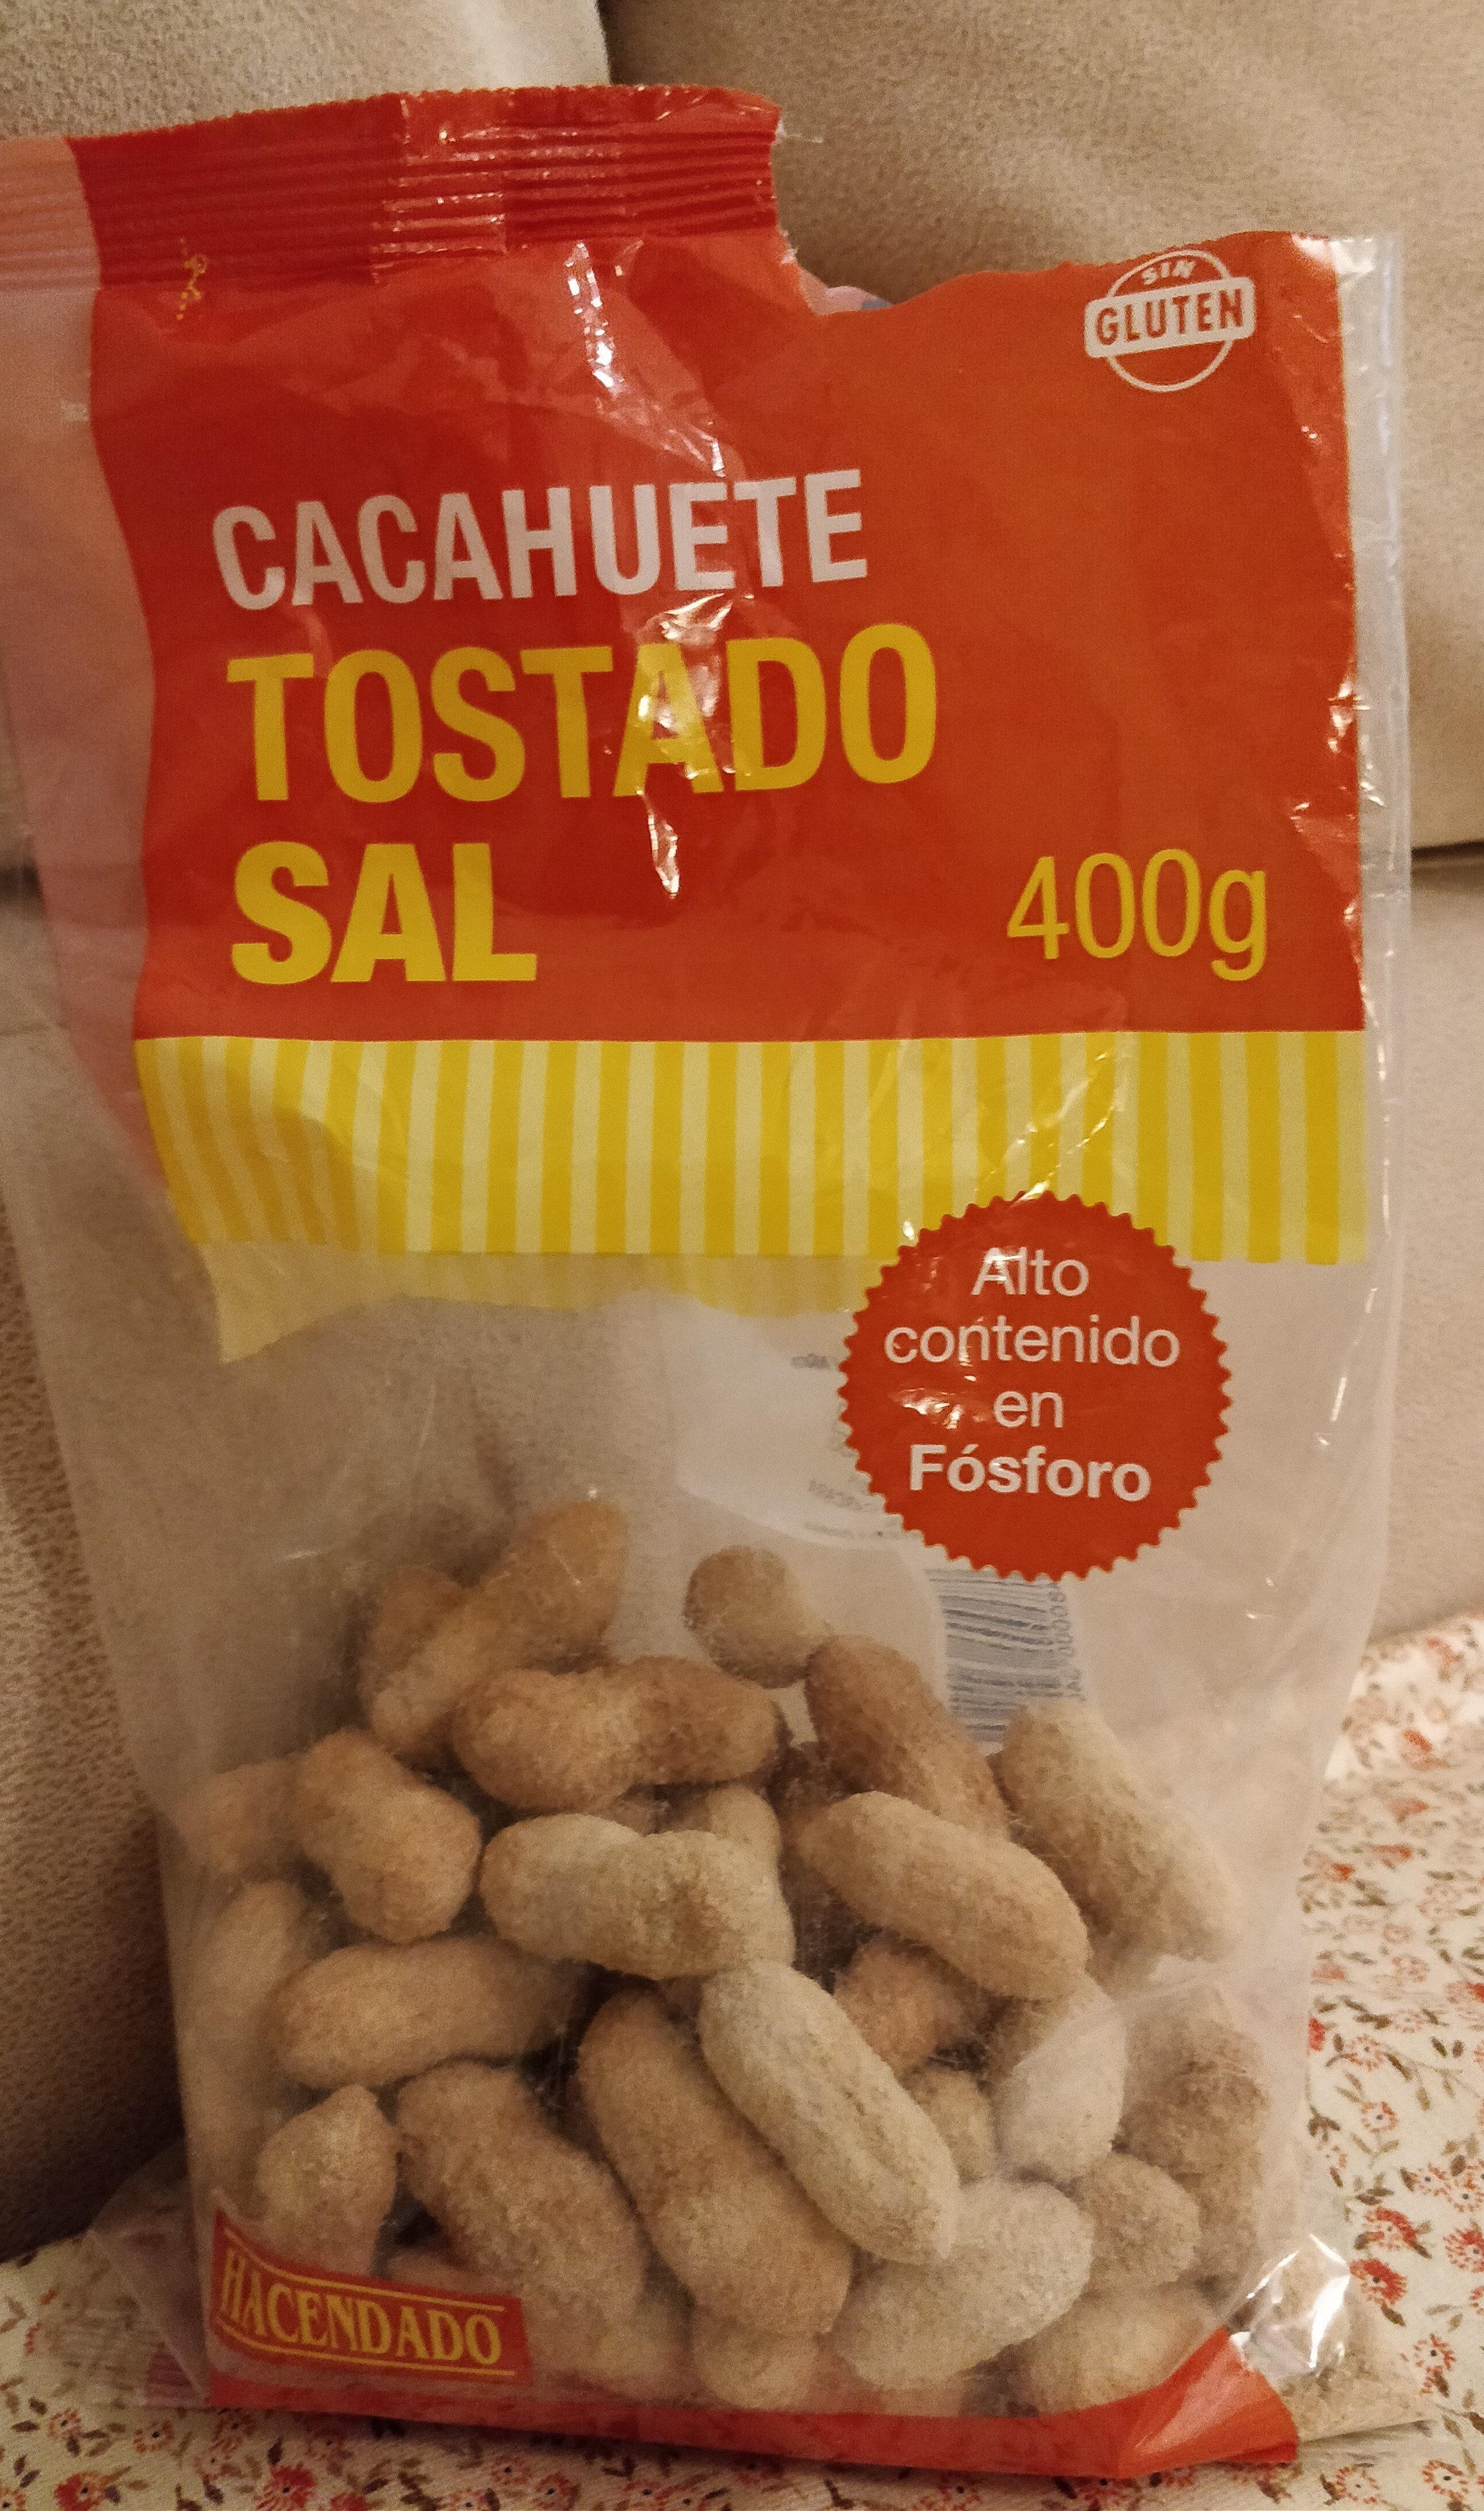 Cacahuete tostado sal - Producto